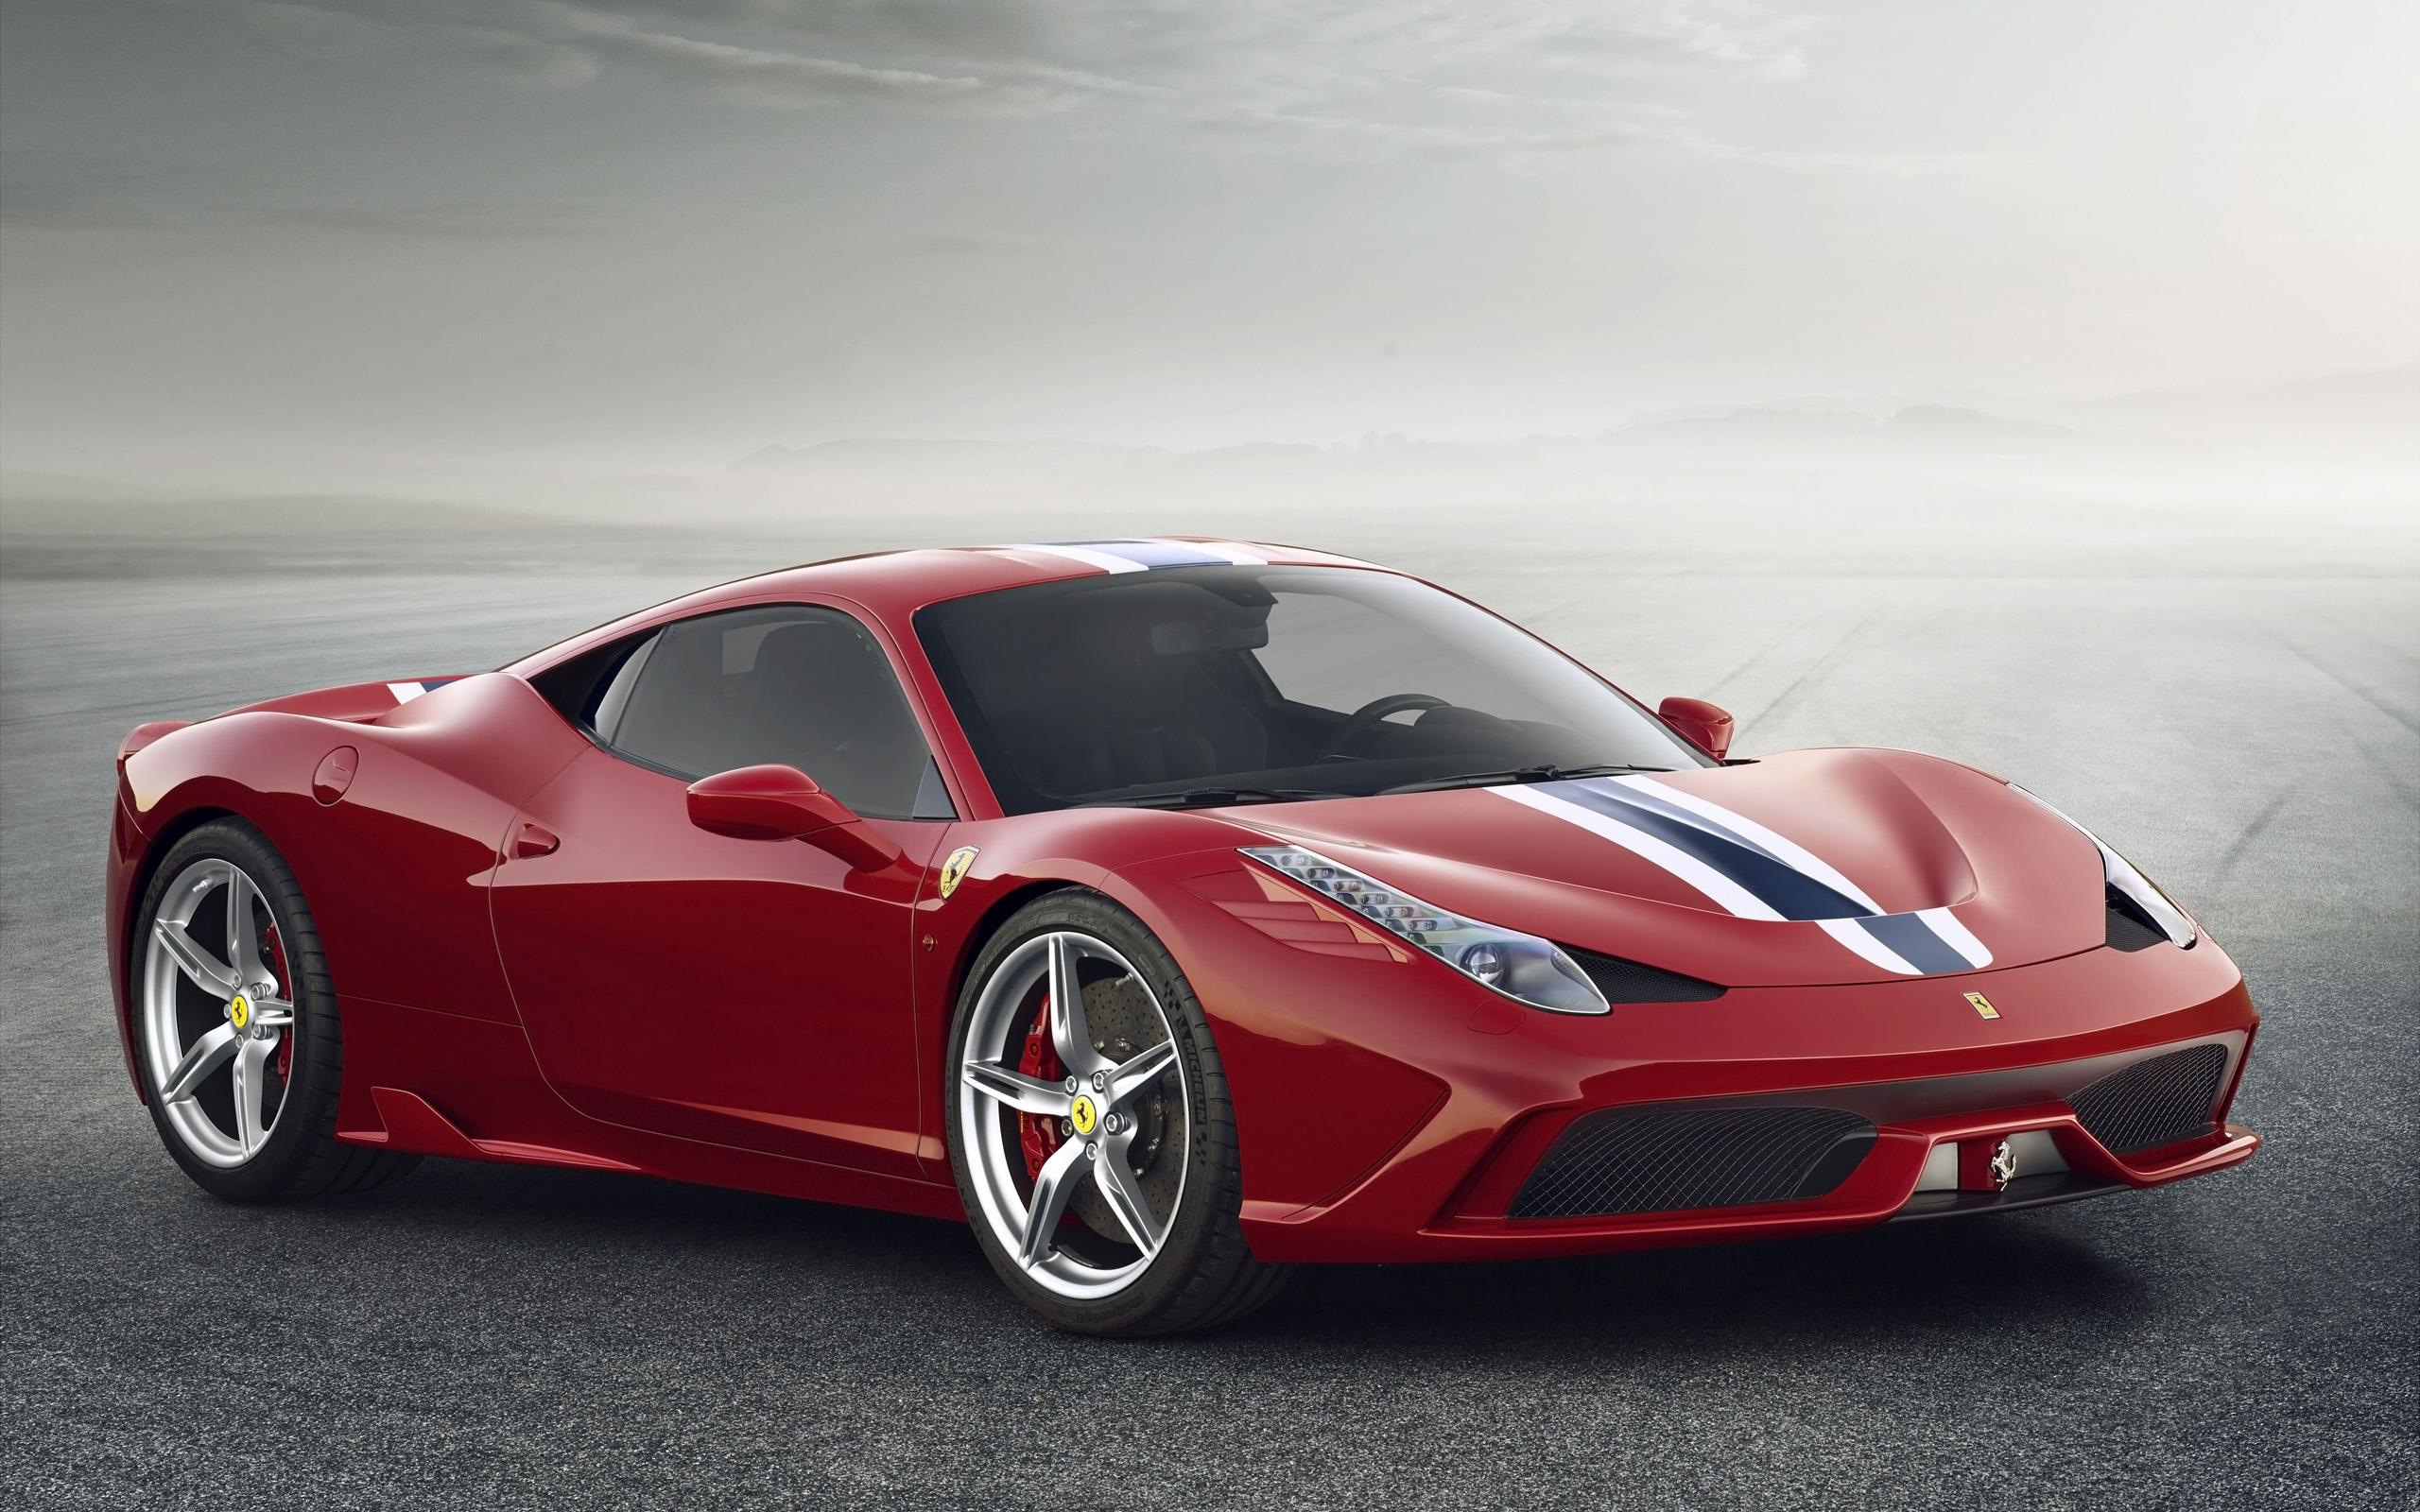 Ferrari 458 modelo 2014 - 2560x1600